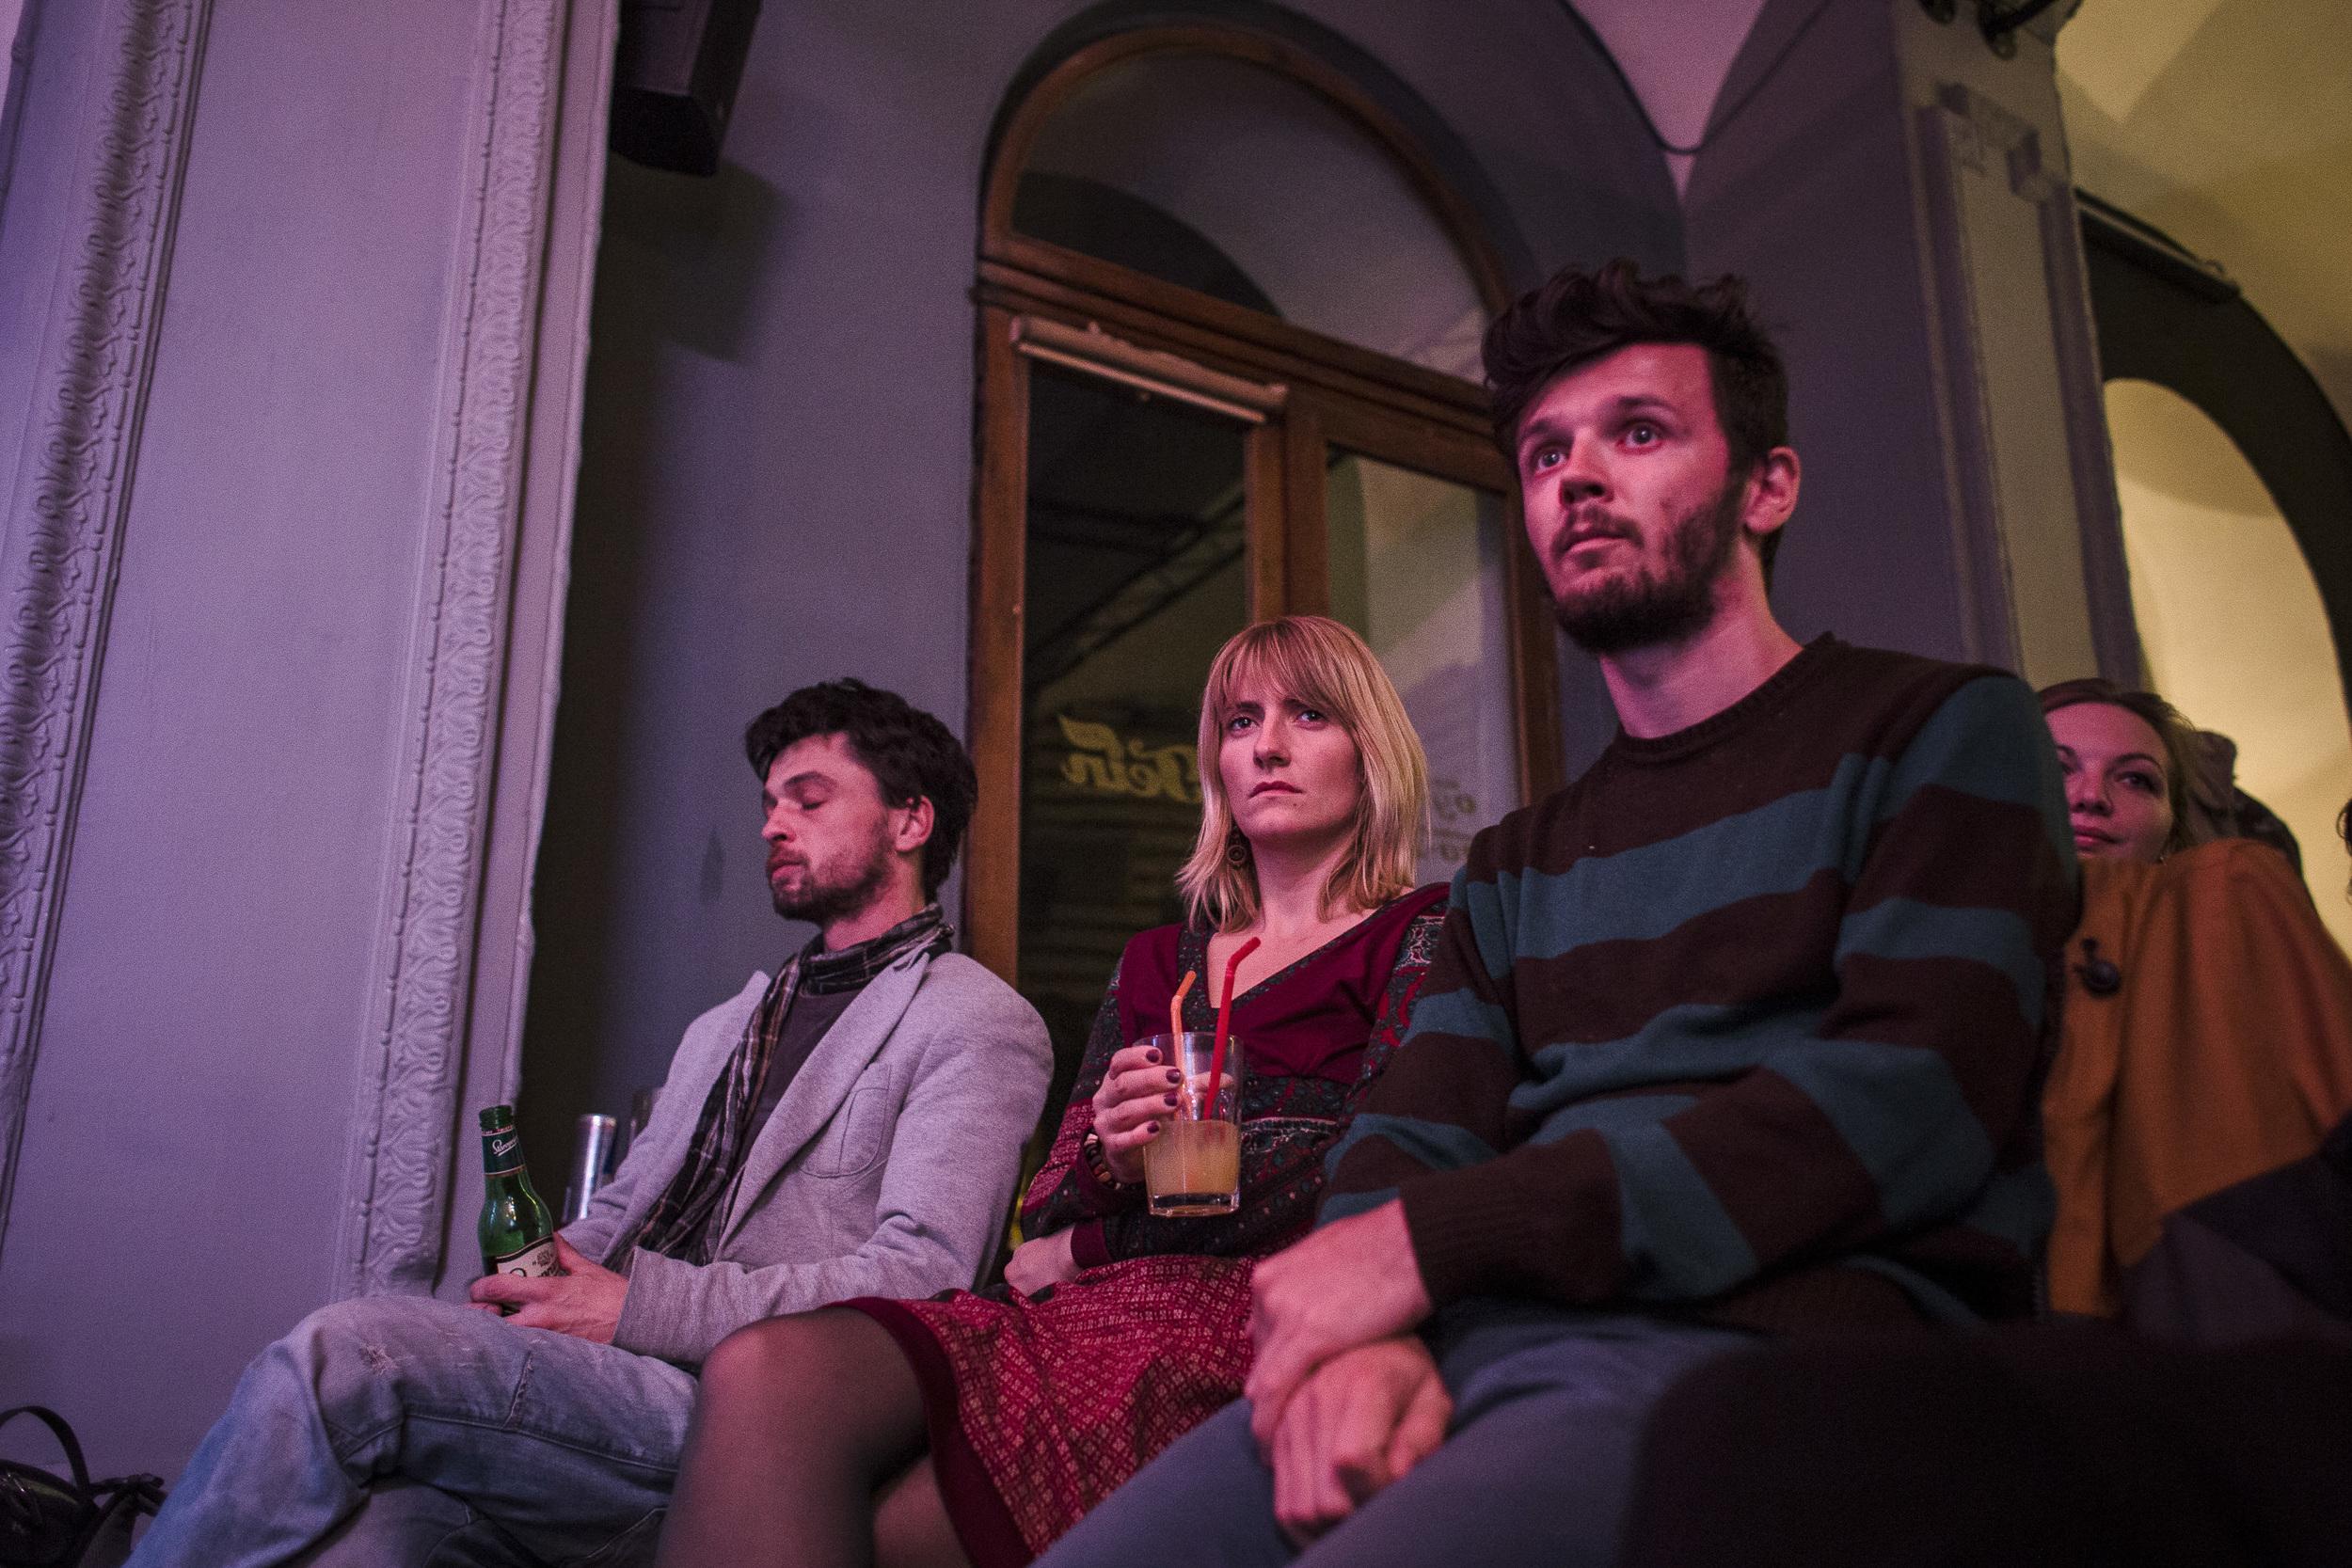 Székely közönség Sepsiszentgyörgyön, a Tein kávézóban.